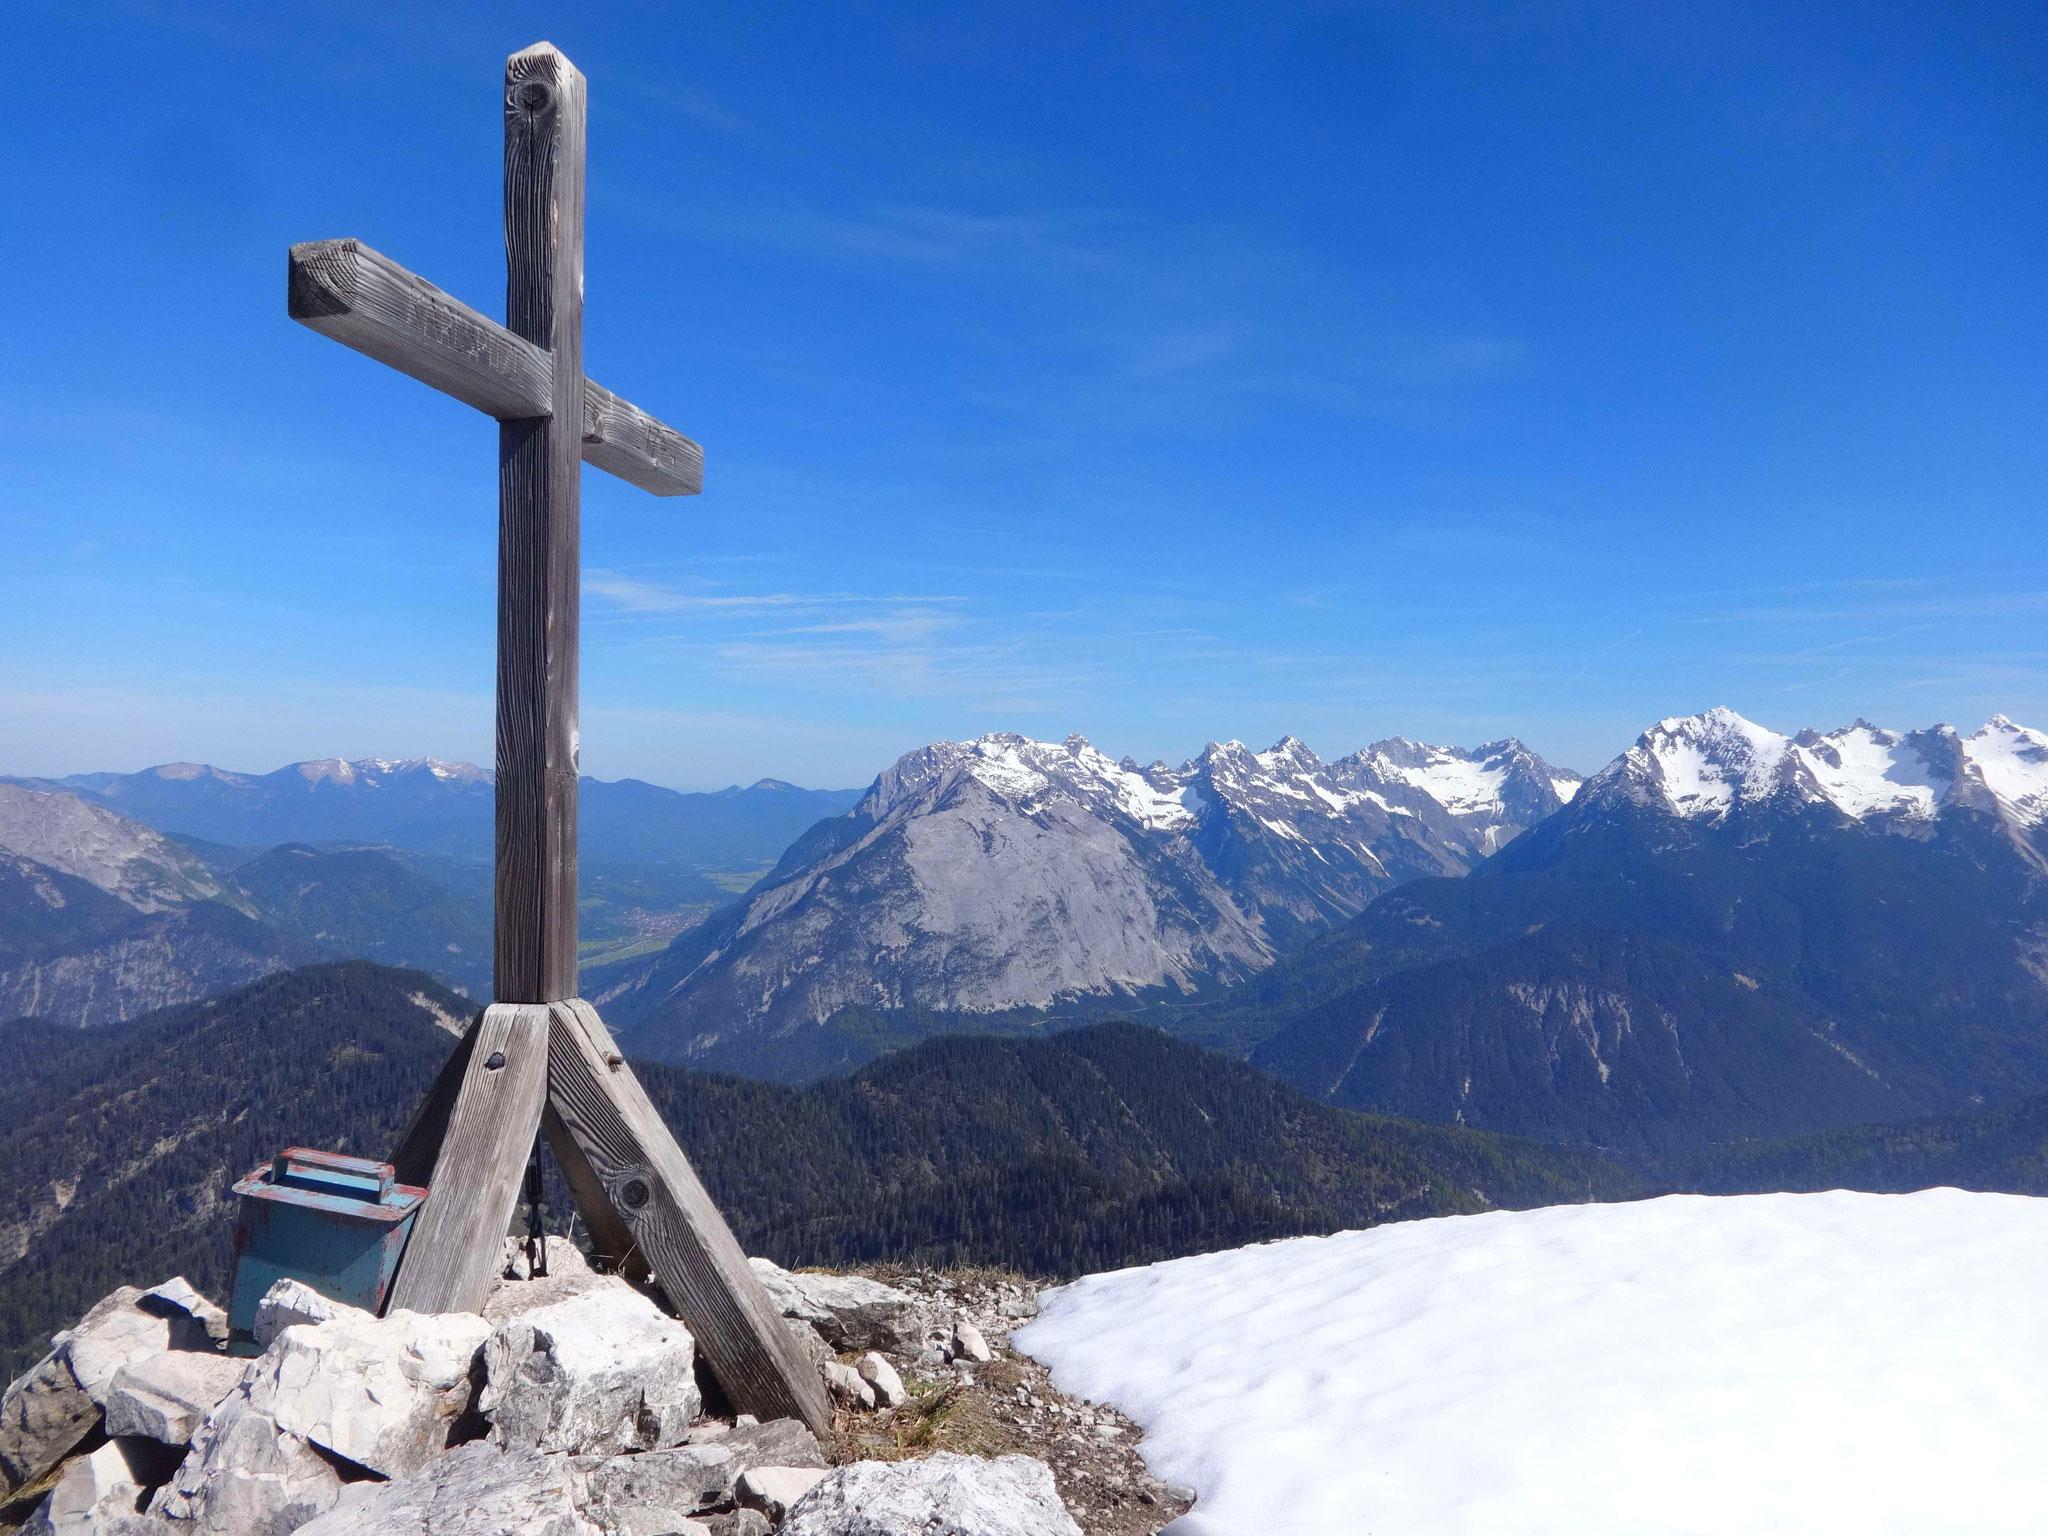 ...bis zum Gipfelkreuz der Maderkarlspitze (2173 m).